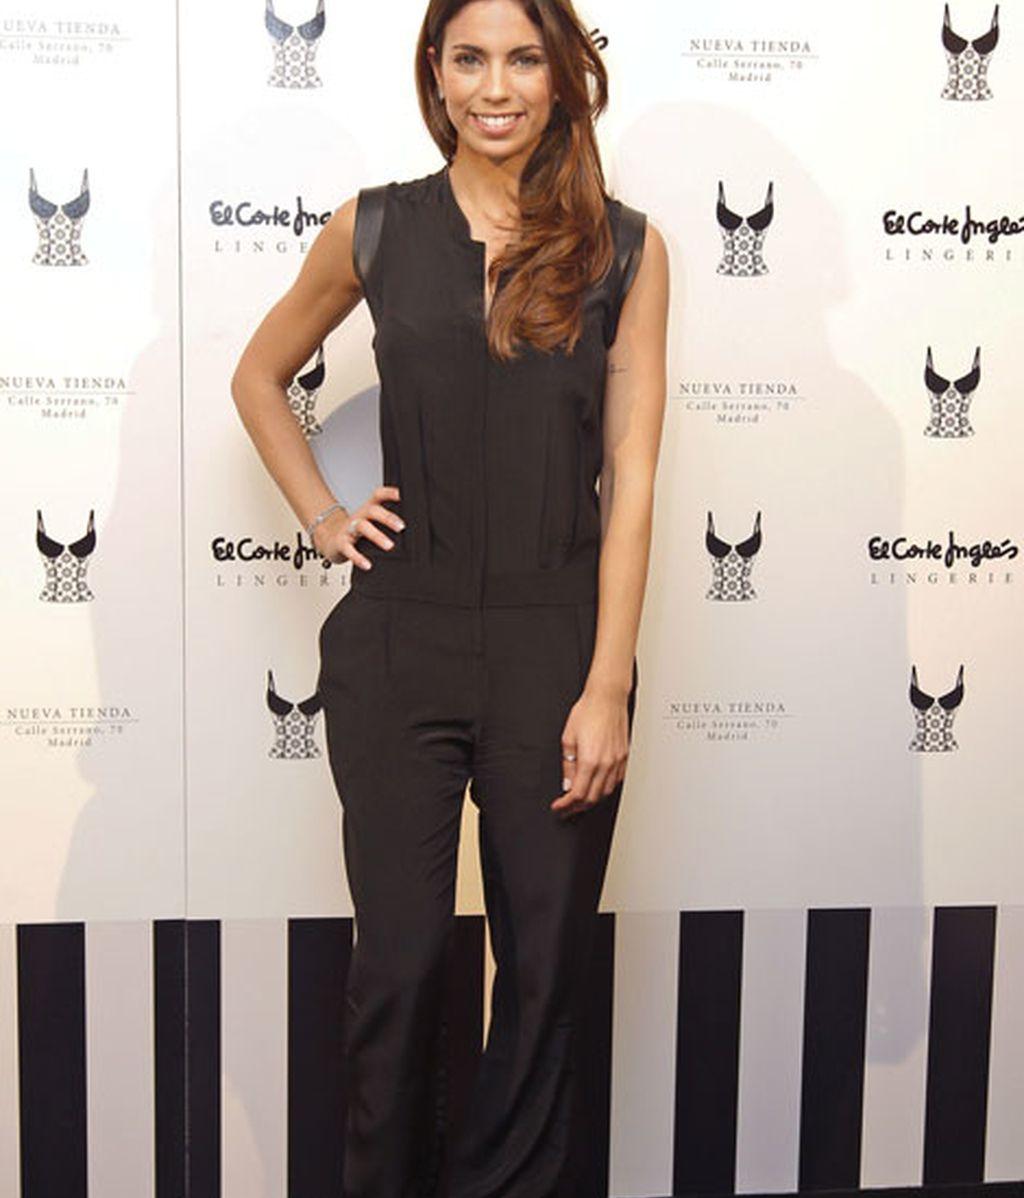 Melissa Jiménez en la inauguración de 'Lingerie'